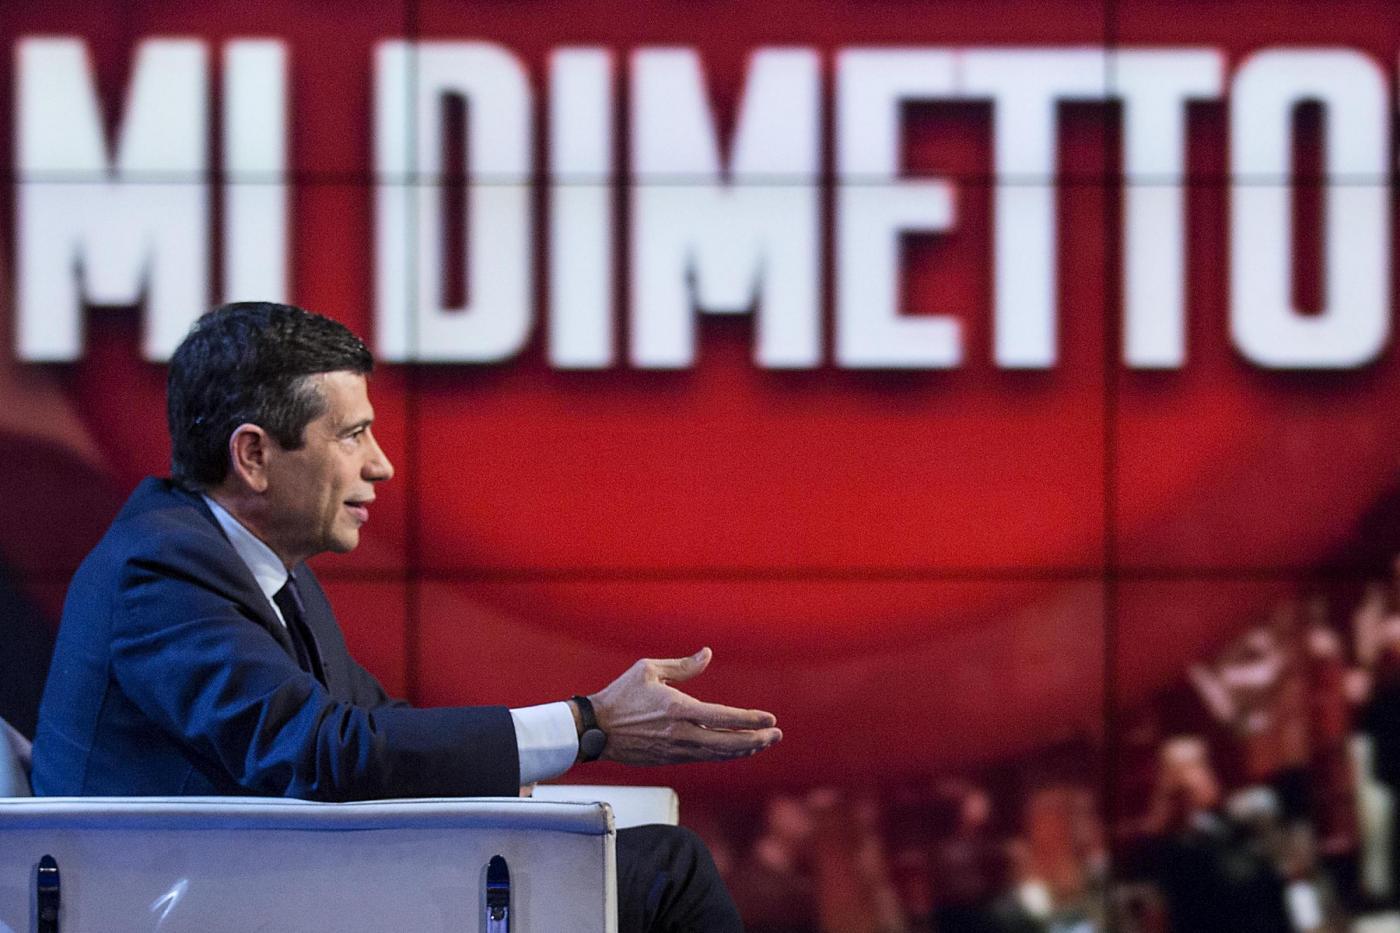 Maurizio Lupi dimissioni: Renzi assume l'interim al Ministero delle Infrastrutture